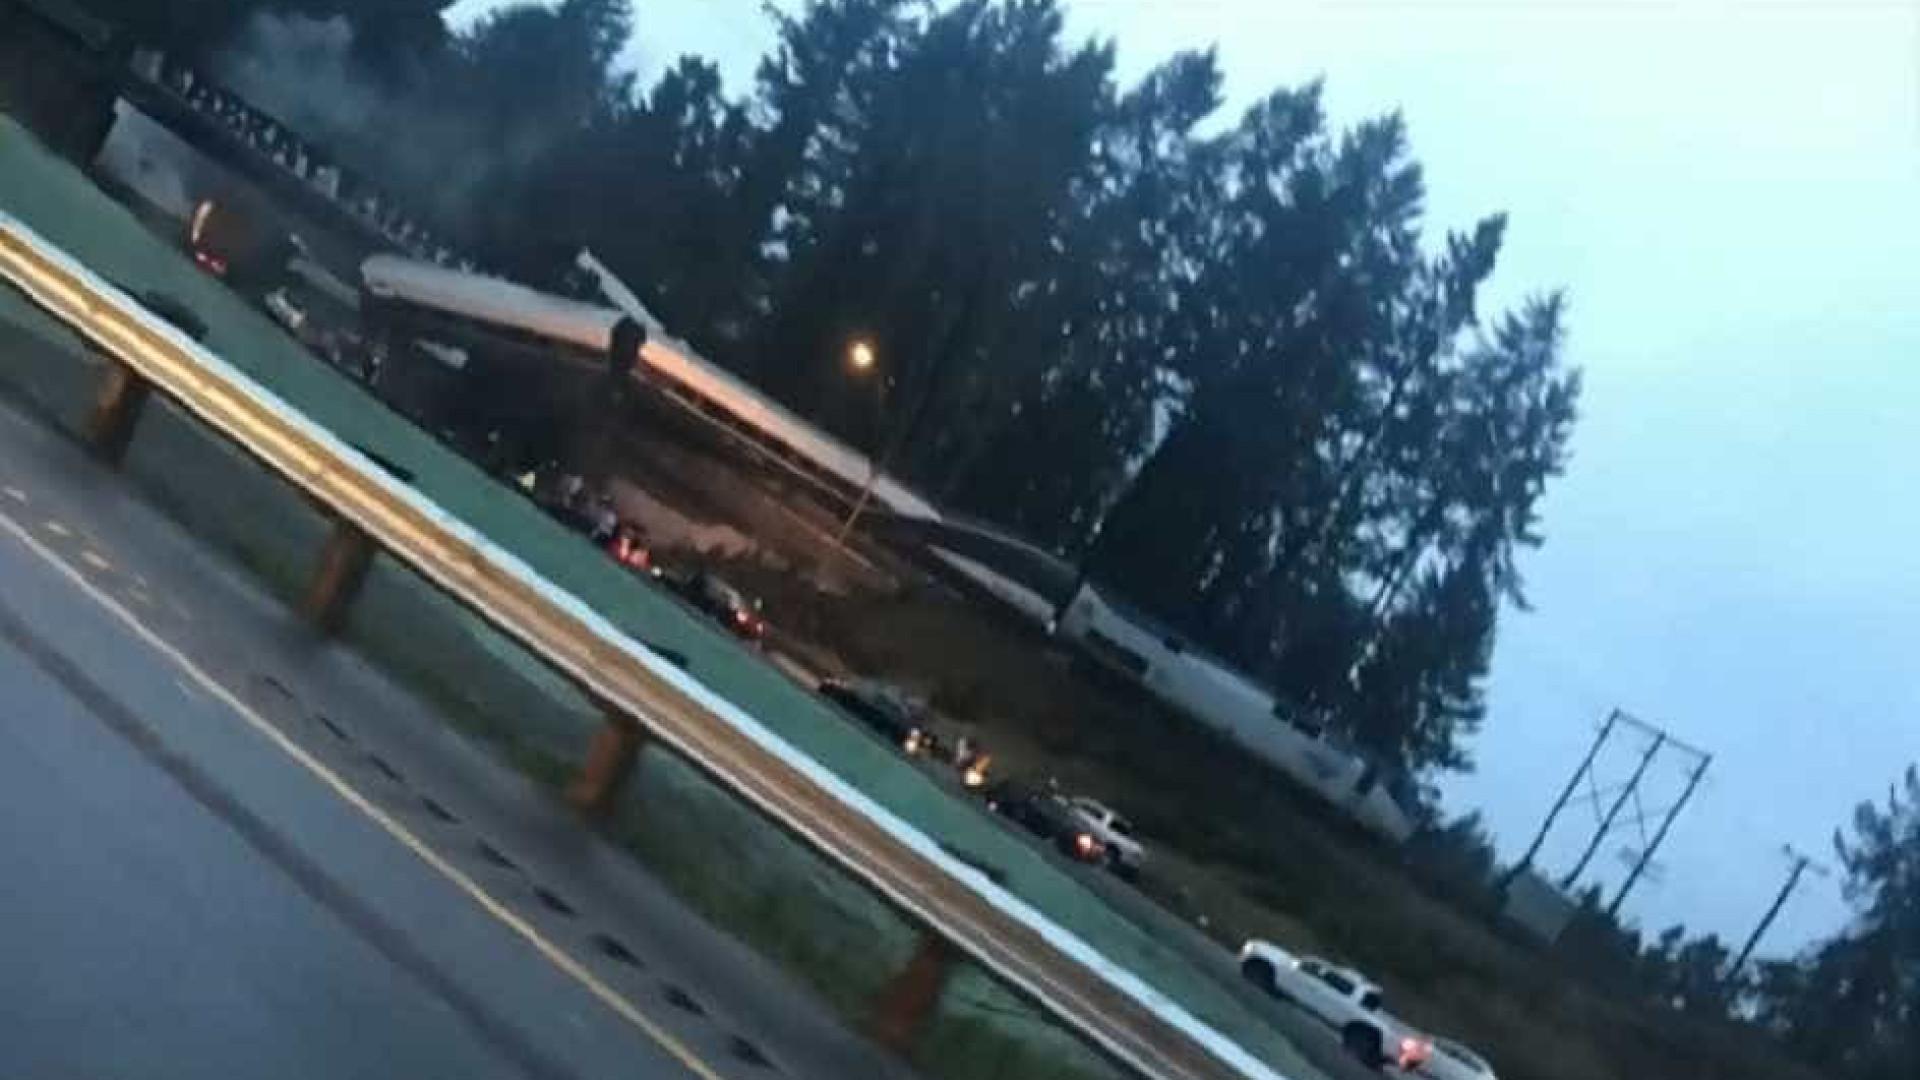 Comboio descarrilou e caiu sobre autoestrada no estado de Washington